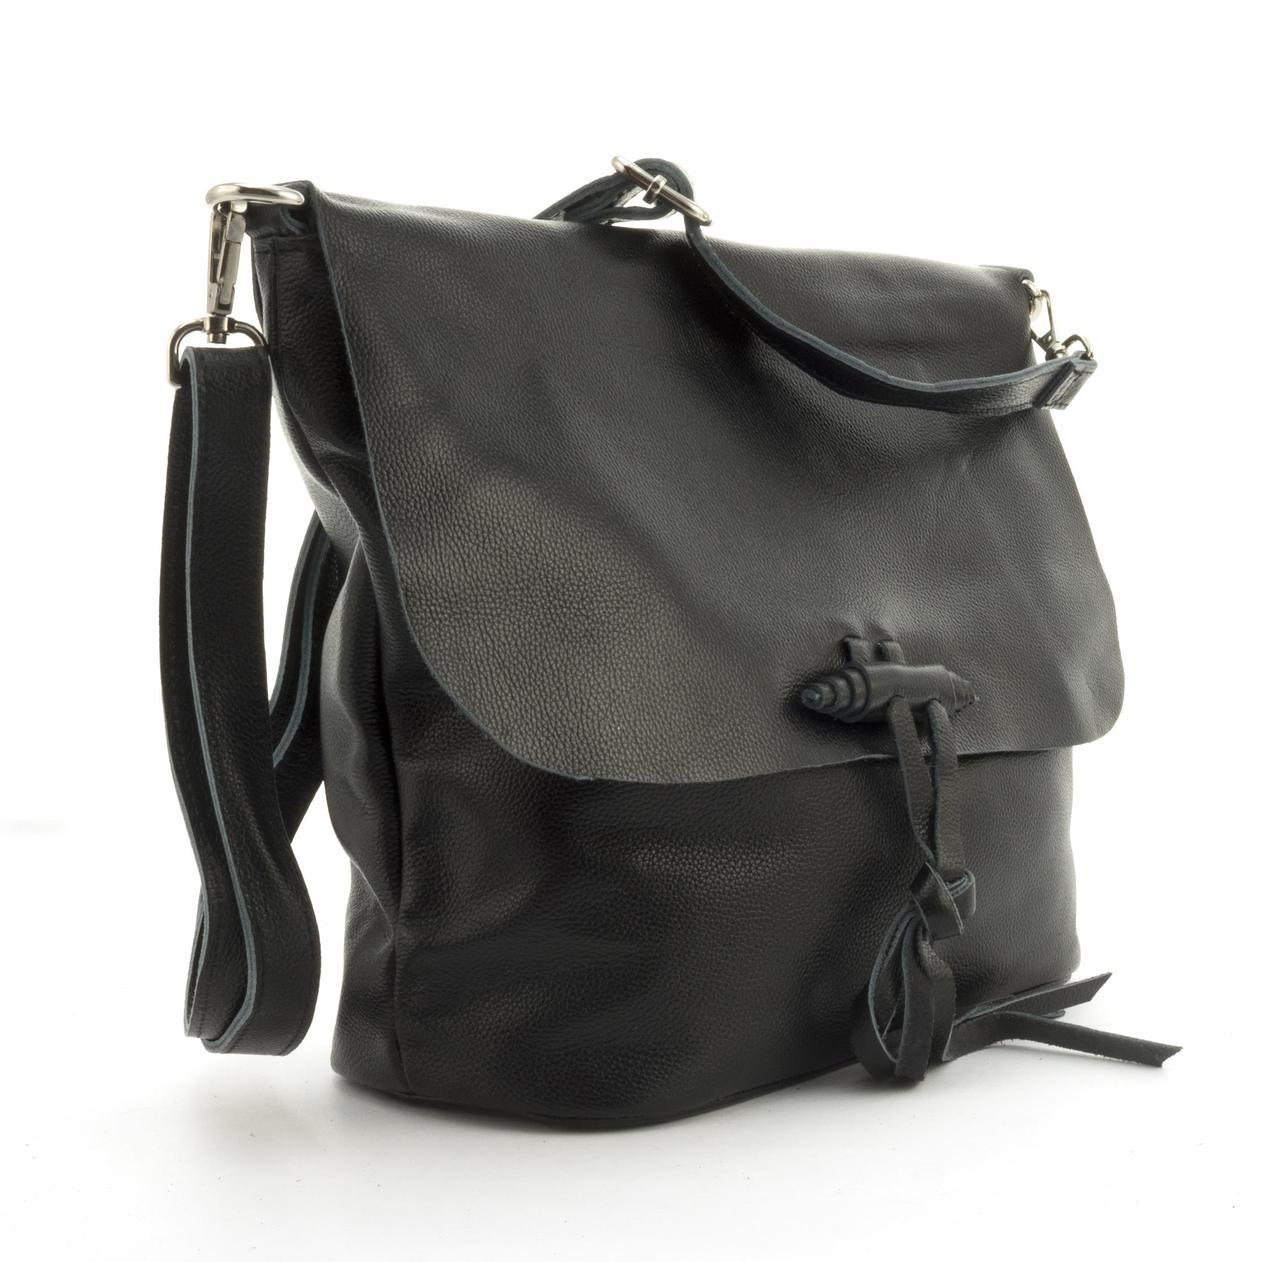 Суперстильная мягкая кожана прочная женская сумка среднего размера GALANTY art. 10490 черная